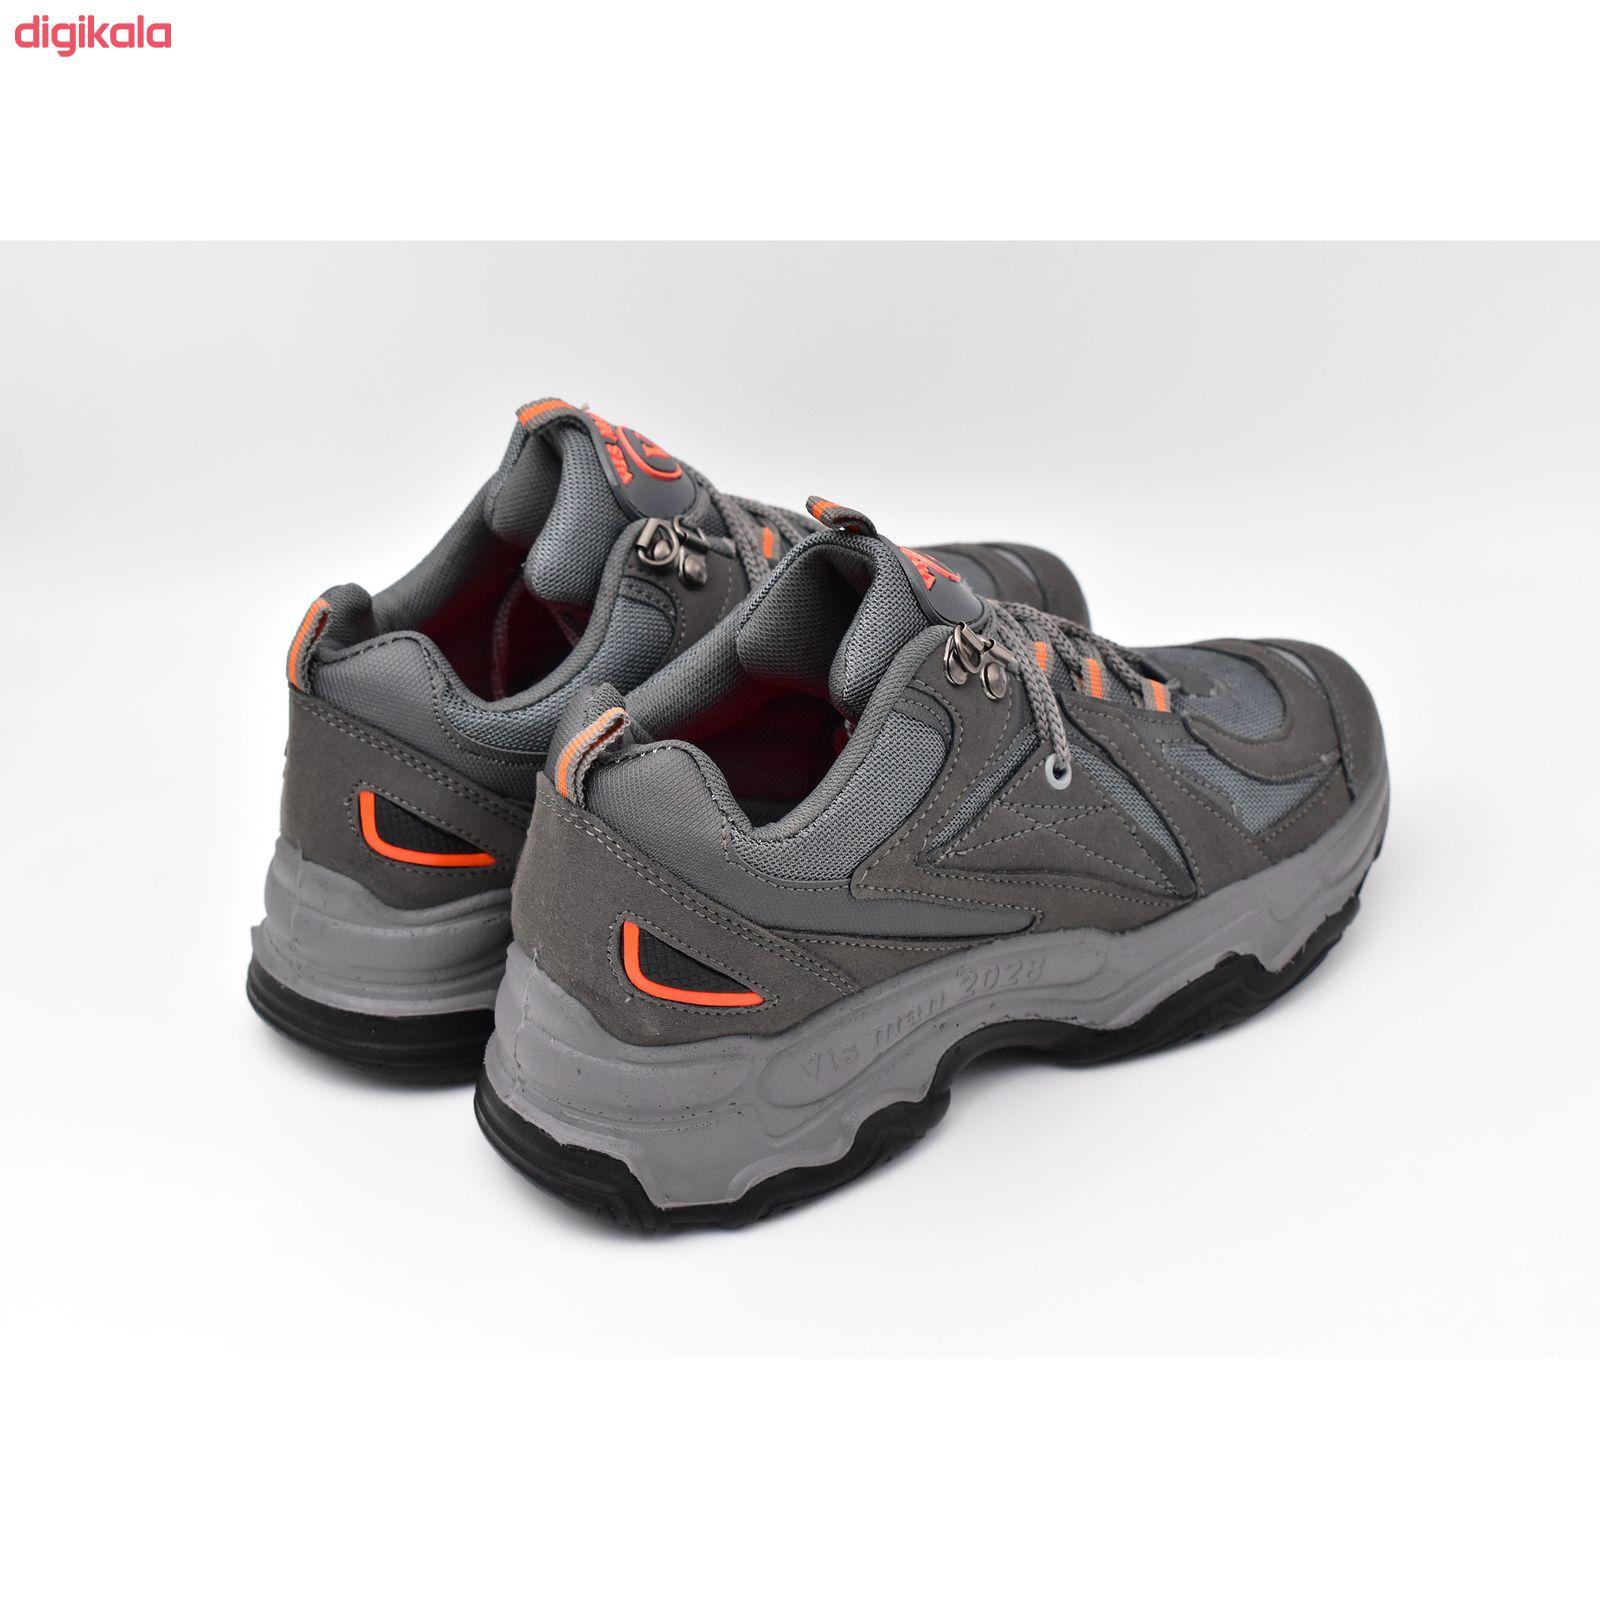 کفش کوهنوردی مردانه ویس من مدل CKO کد 8377 main 1 4